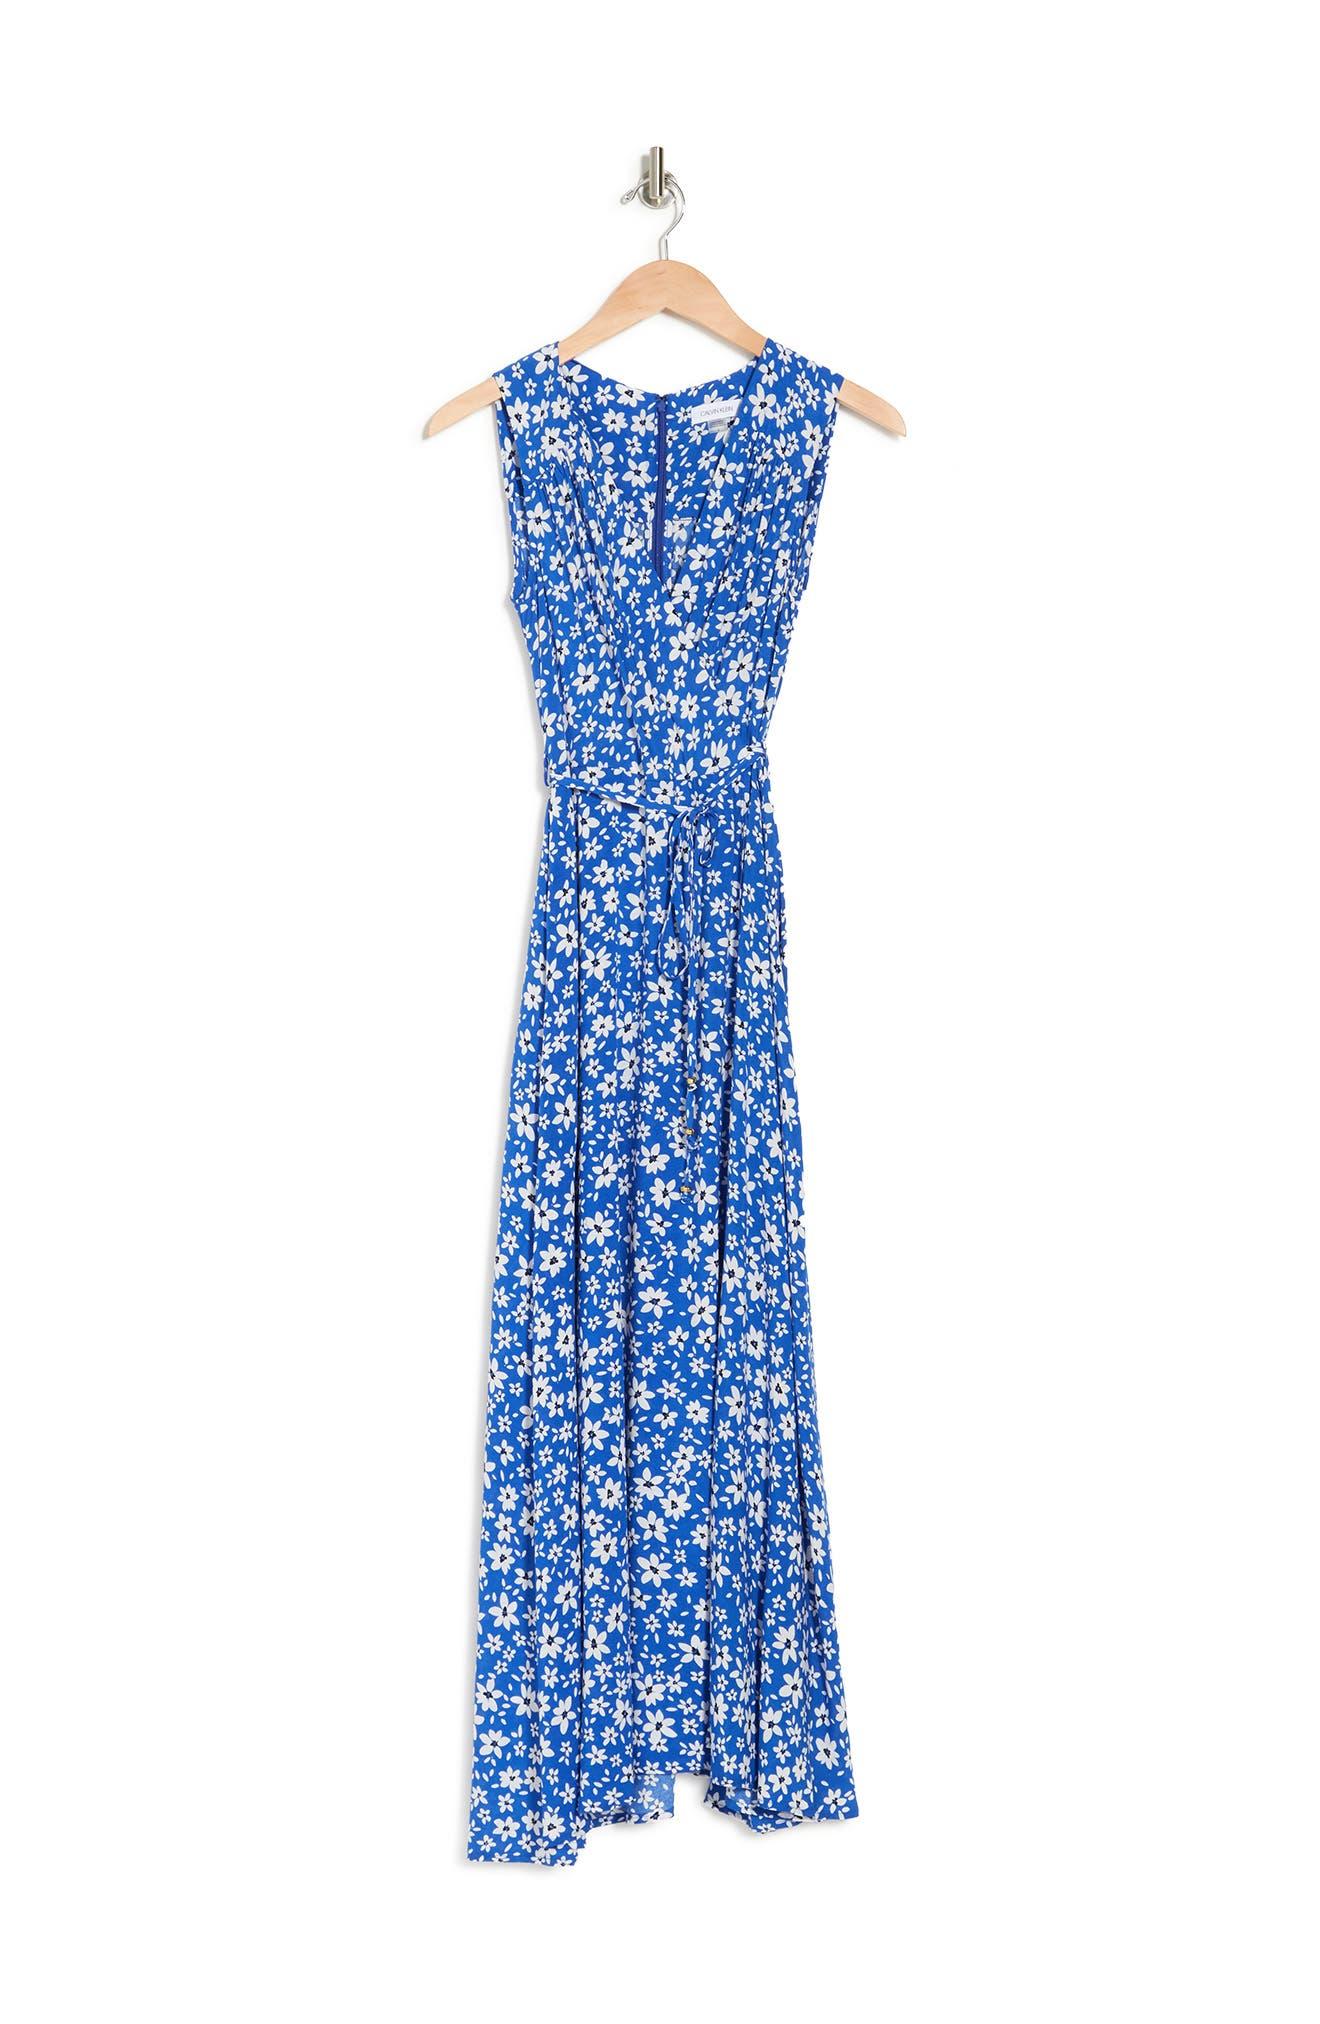 Calvin Klein DITSY FLORAL FAUX WRAP DRESS